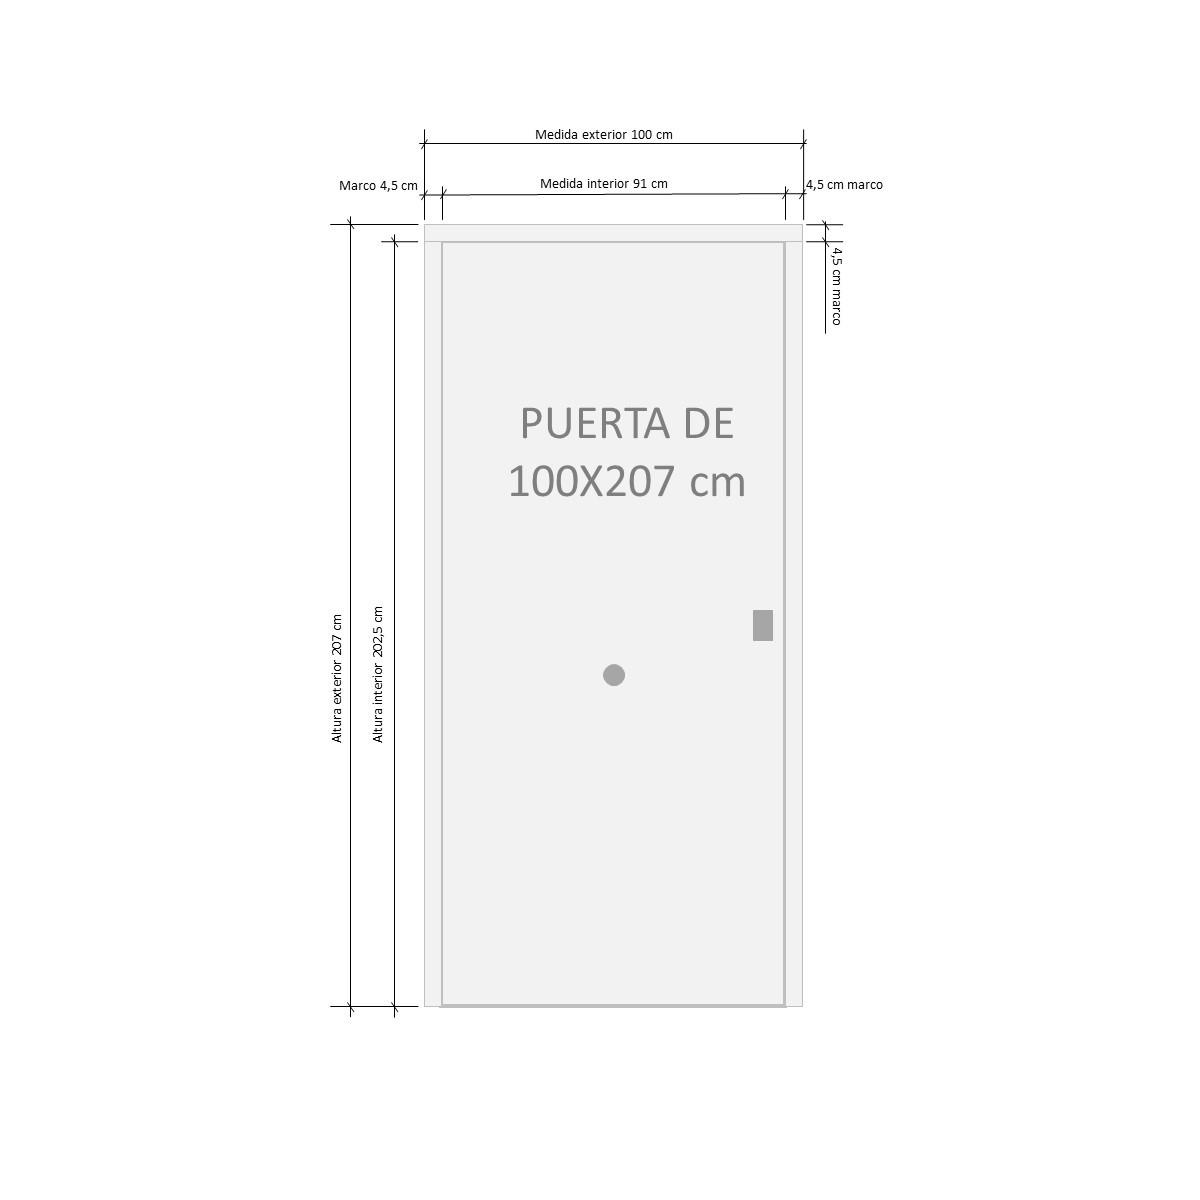 Puertas acorazadas Serie B4-BL Cearco Puerta acorazada Cearco online